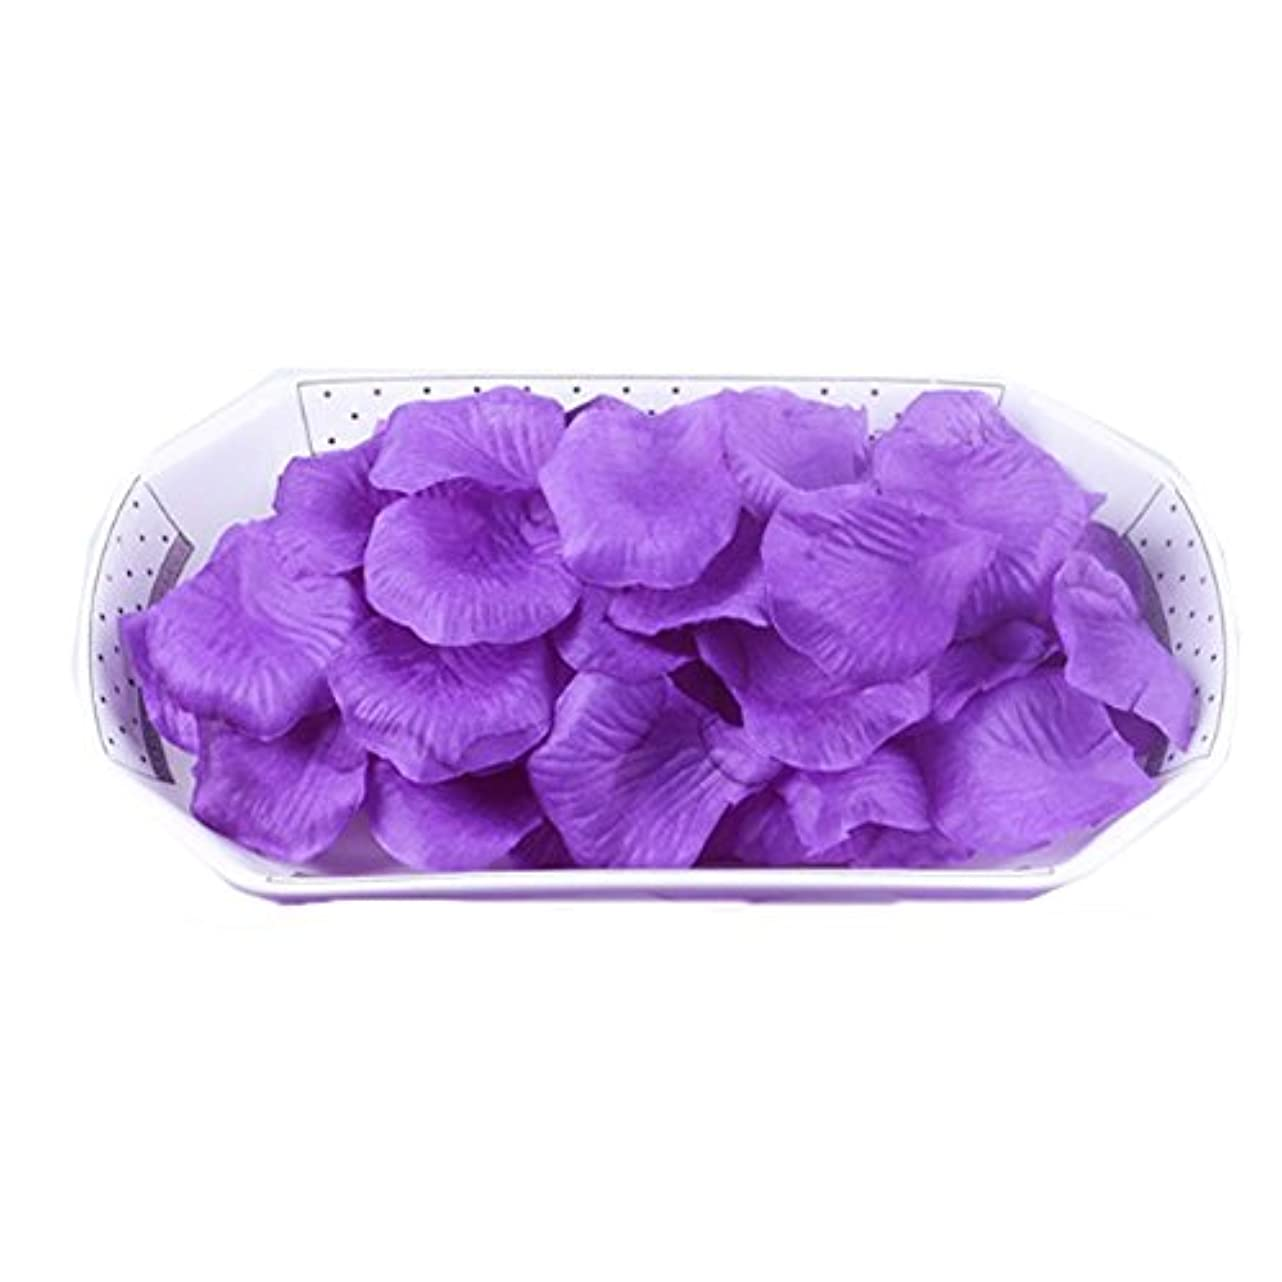 反映する虹実装する結婚式の装飾のための人工花の花びら紫2000 PC